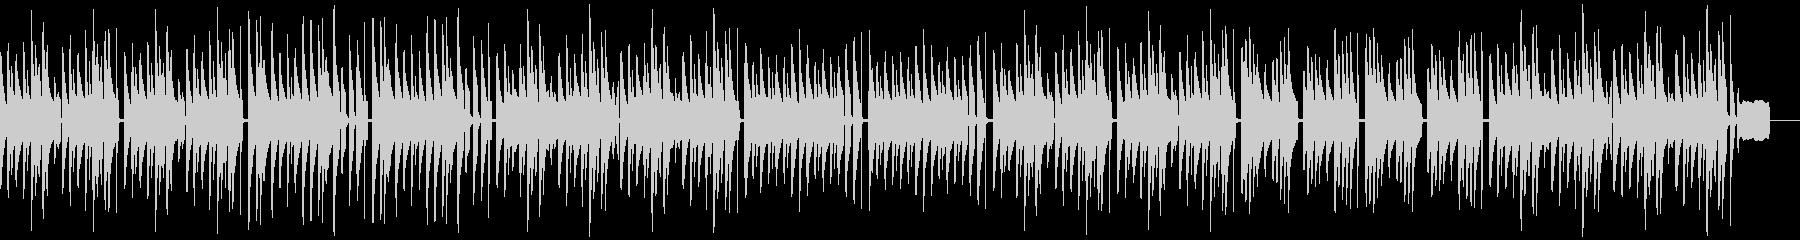 のんびり、のほほん、としたポップな曲の未再生の波形